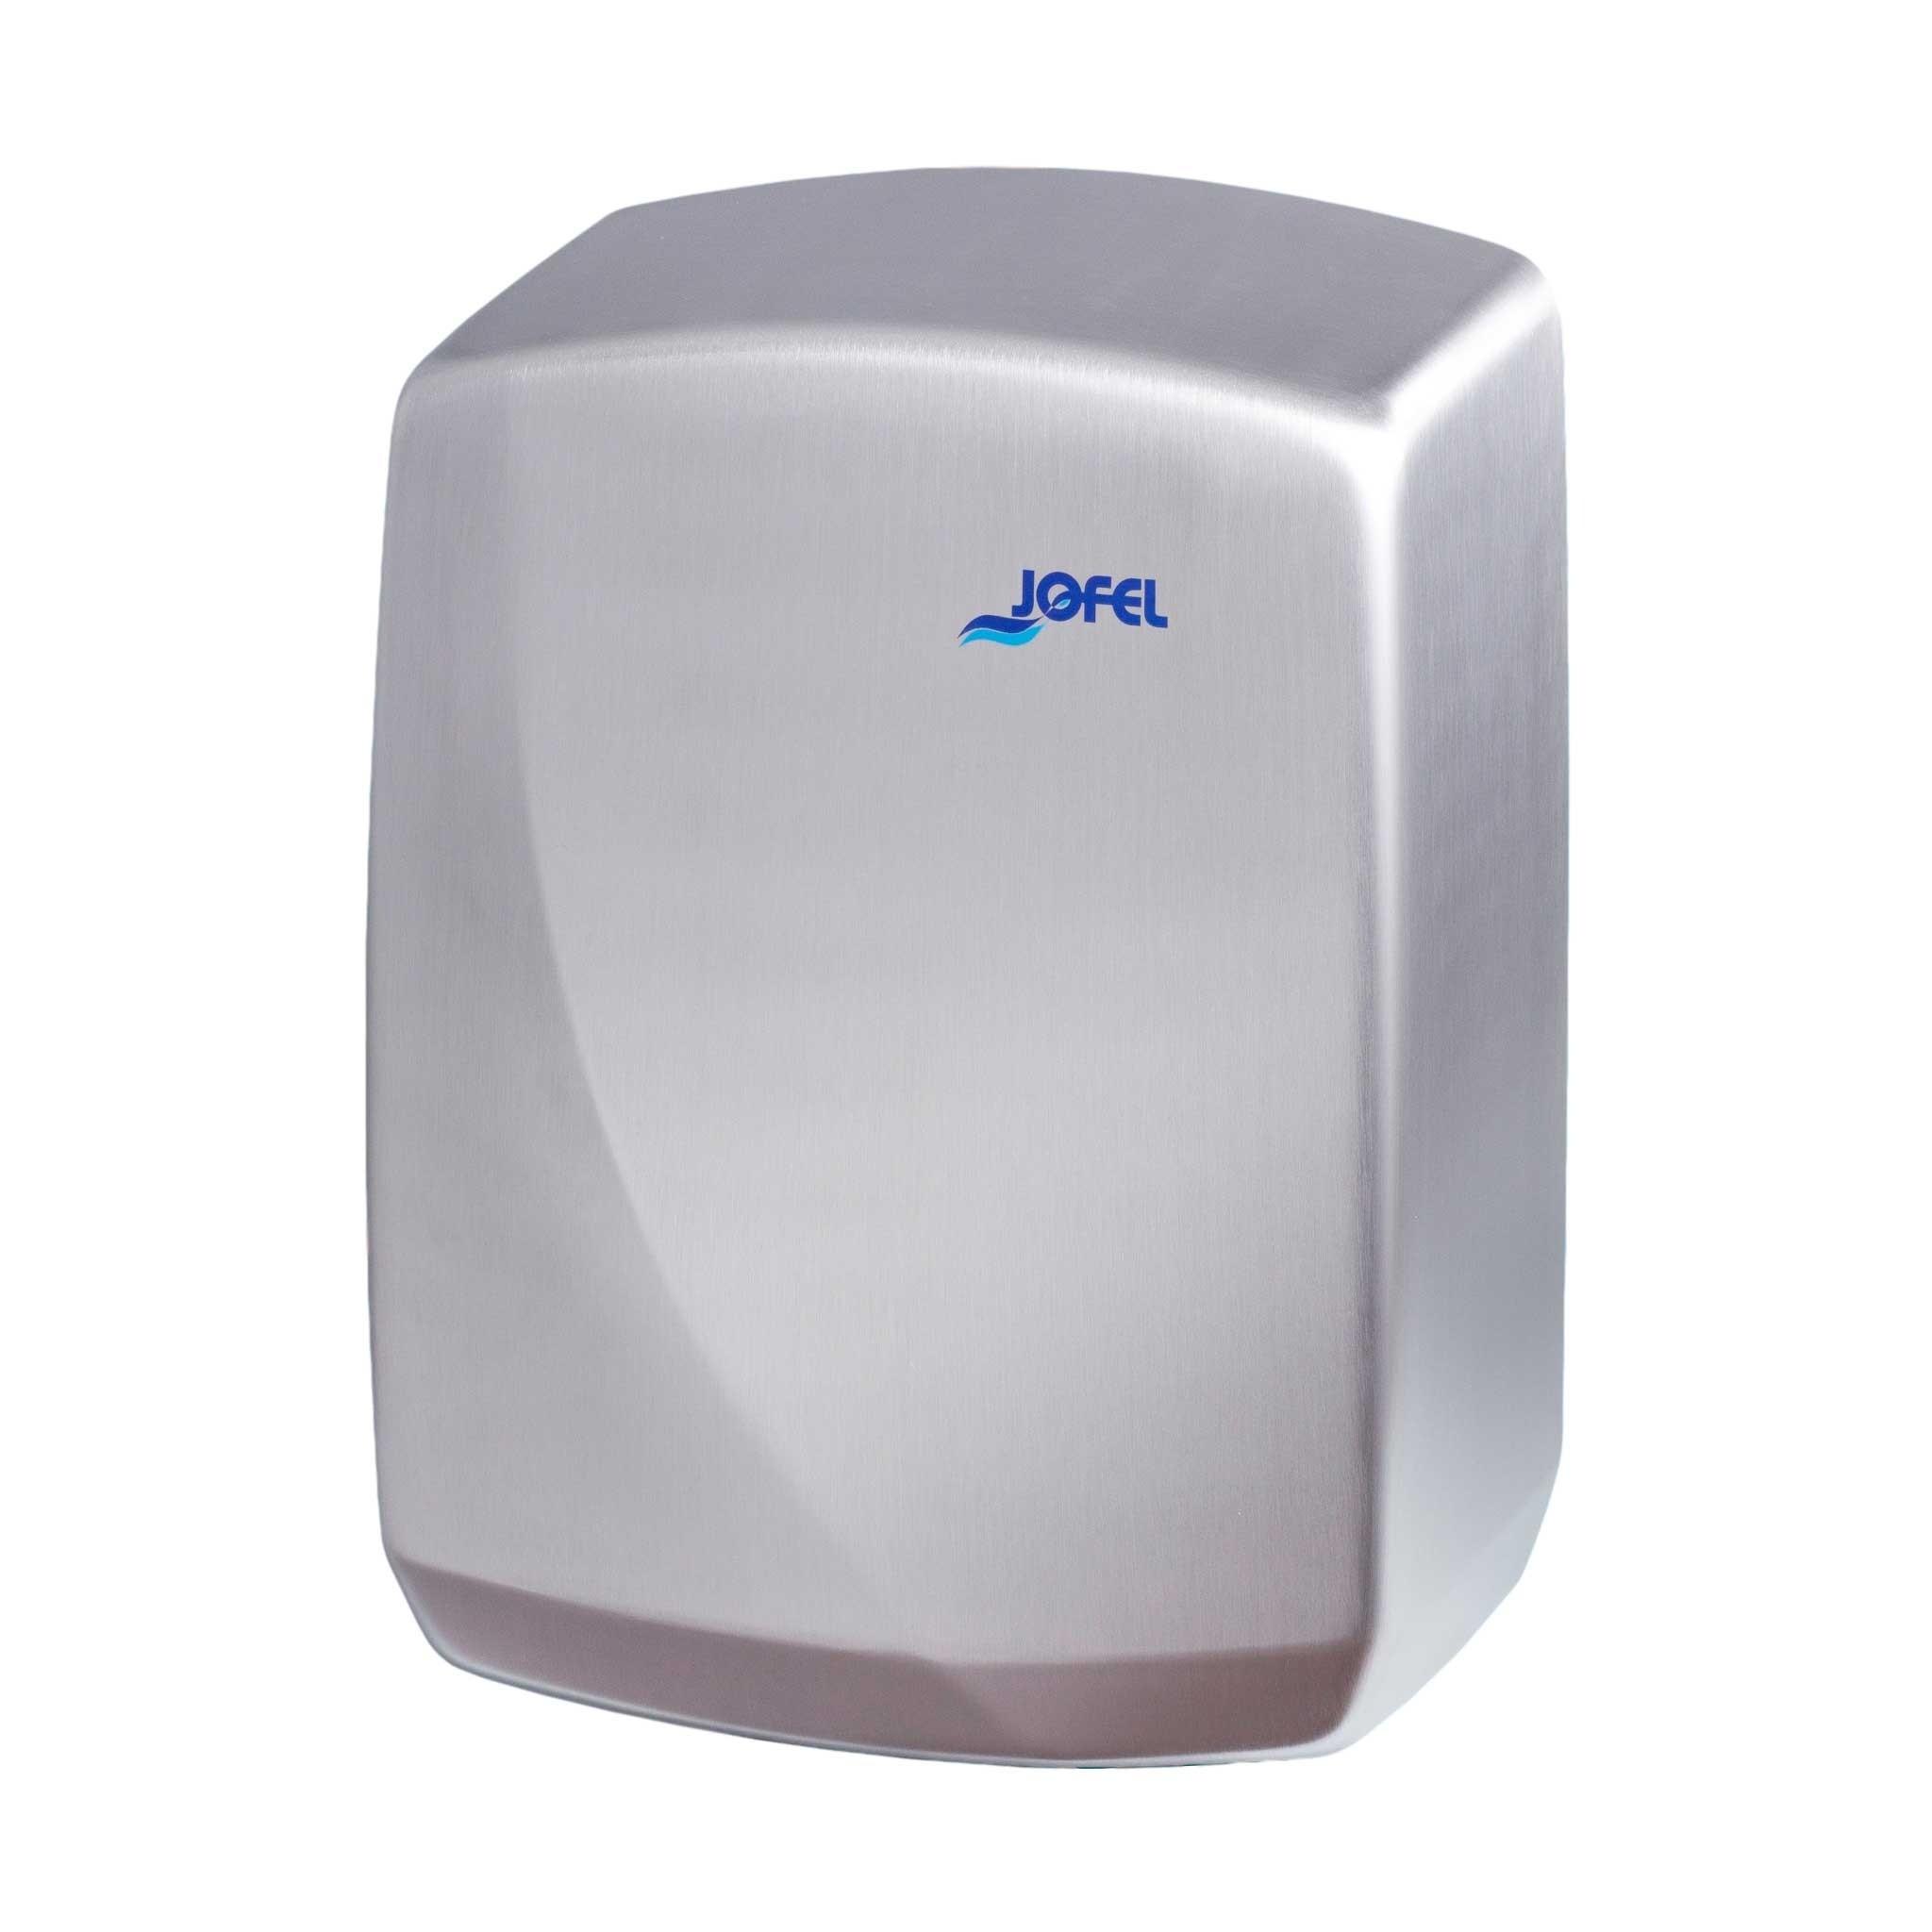 Μεταλλικός στεγνωτήρας χεριών Jofel Futura Satin inox AA16500